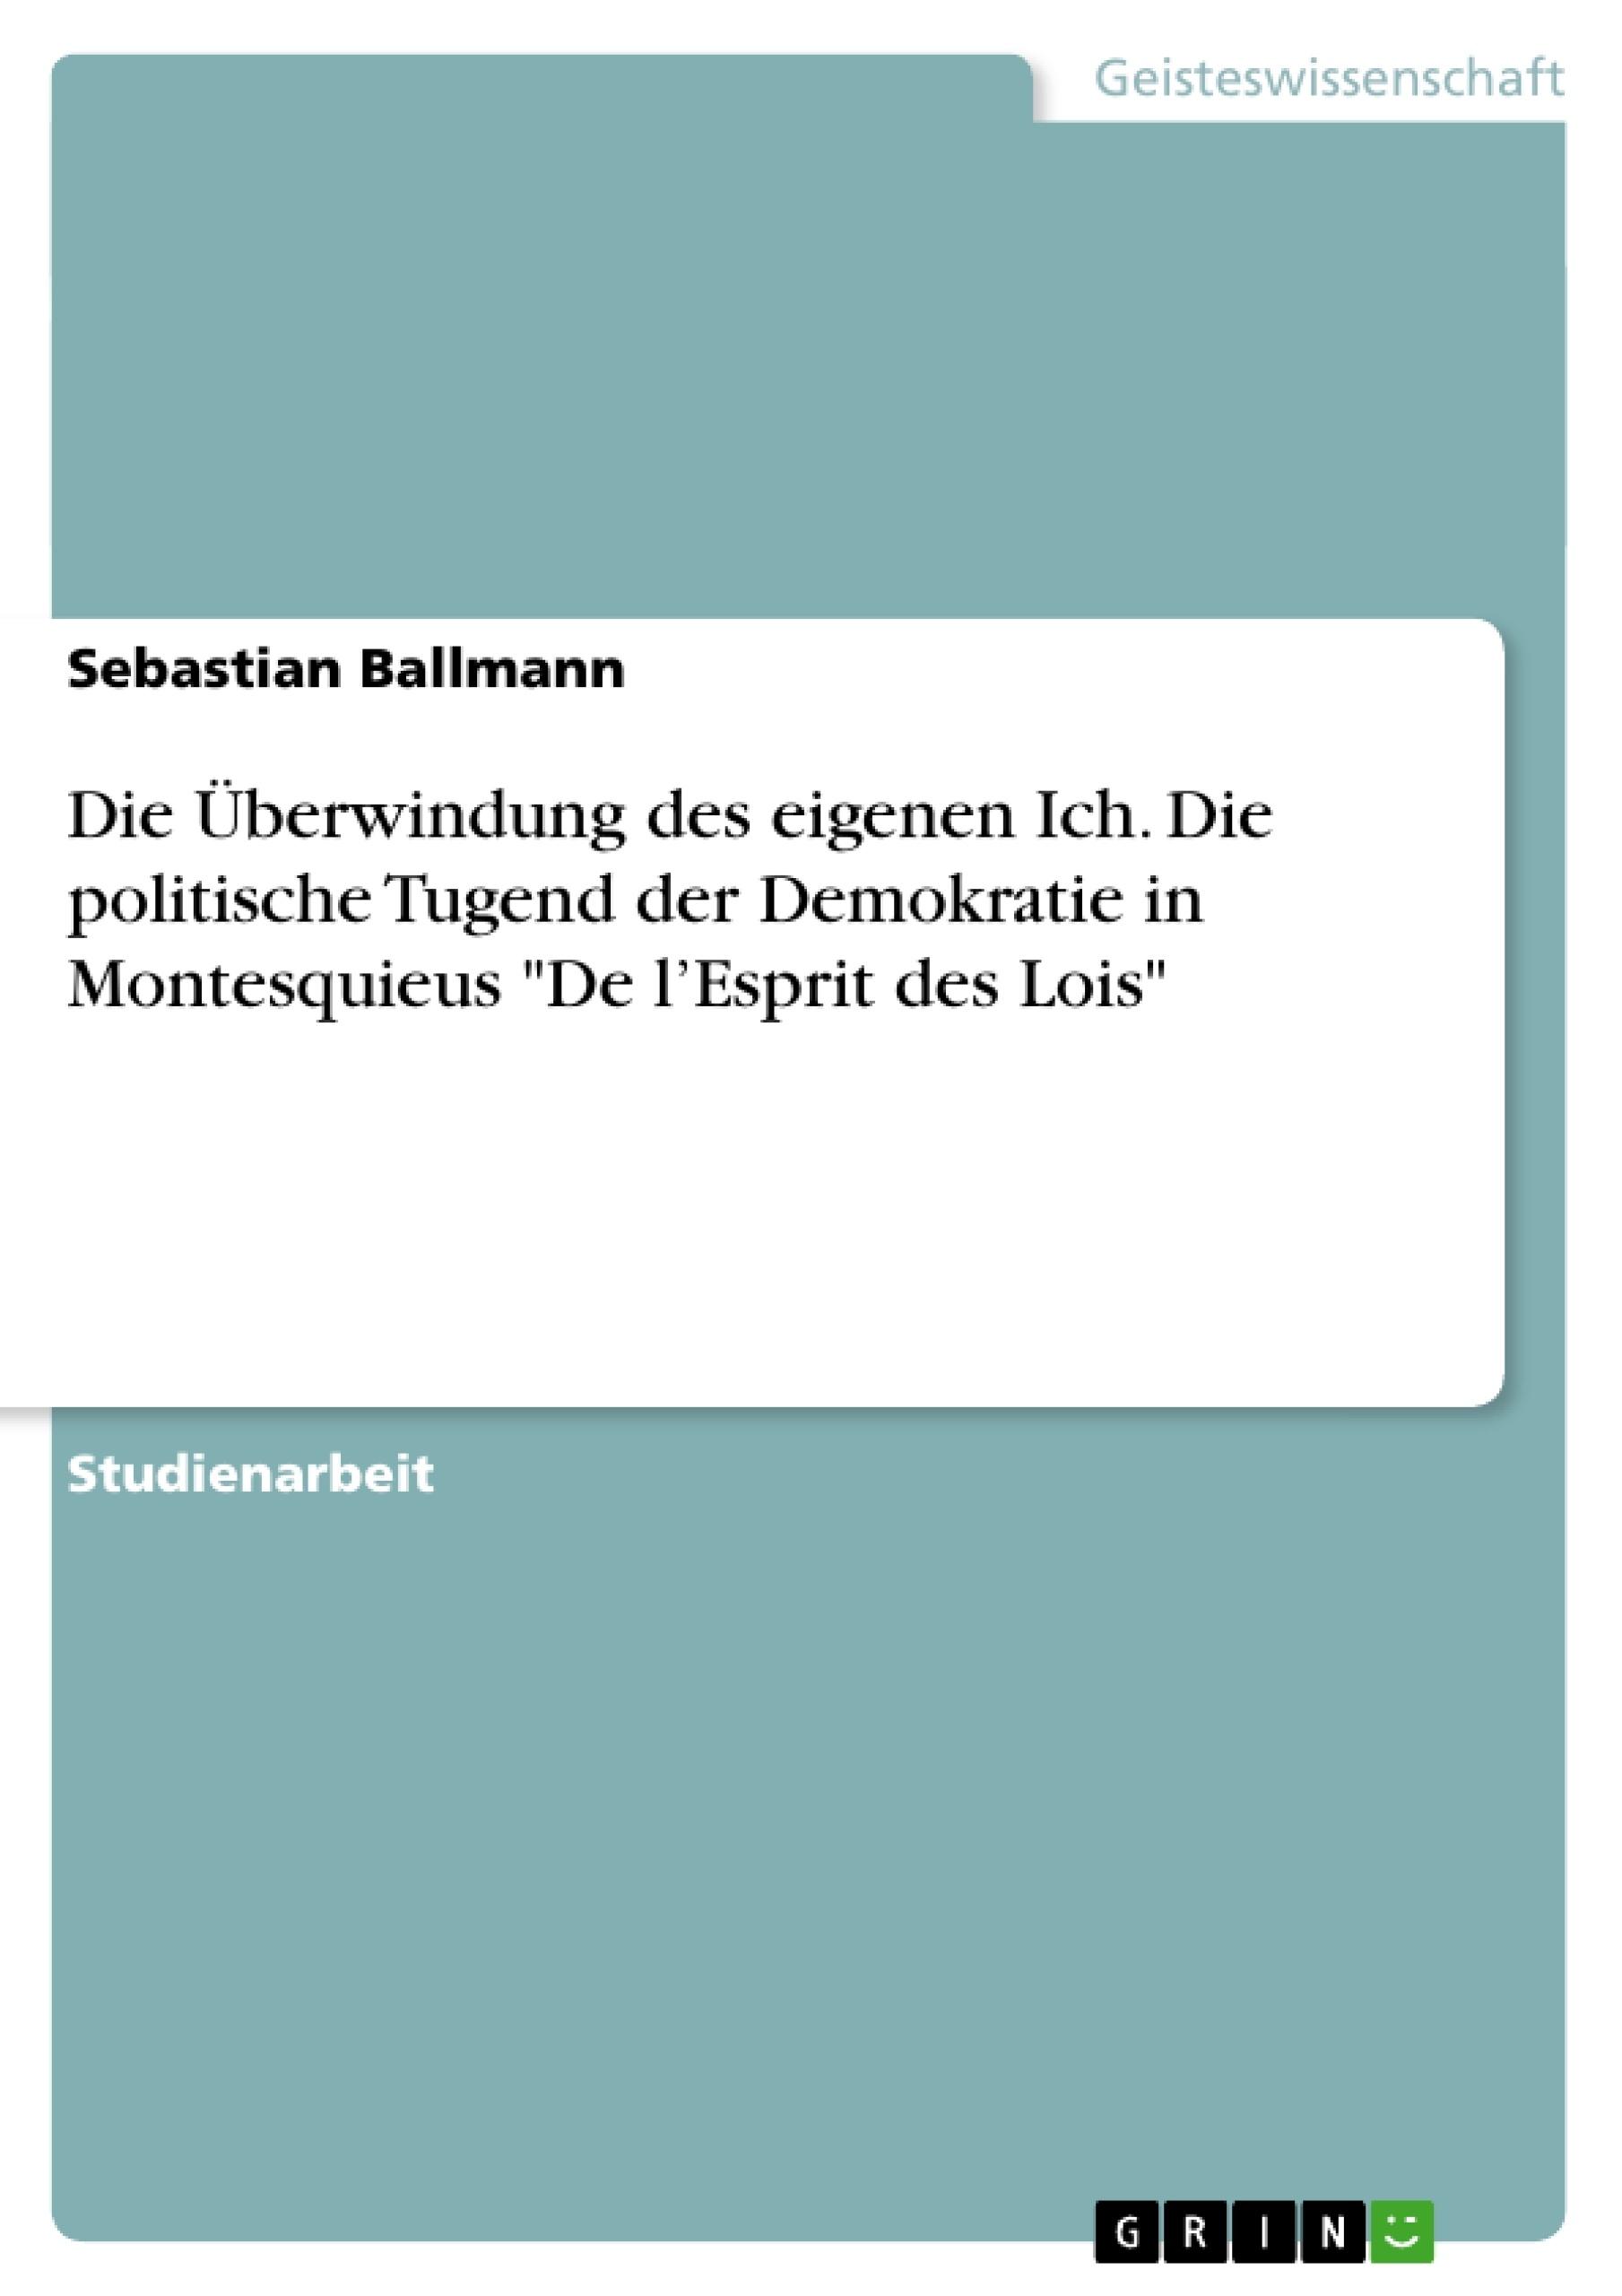 """Titel: Die Überwindung des eigenen Ich. Die politische Tugend der Demokratie in Montesquieus """"De l'Esprit des Lois"""""""